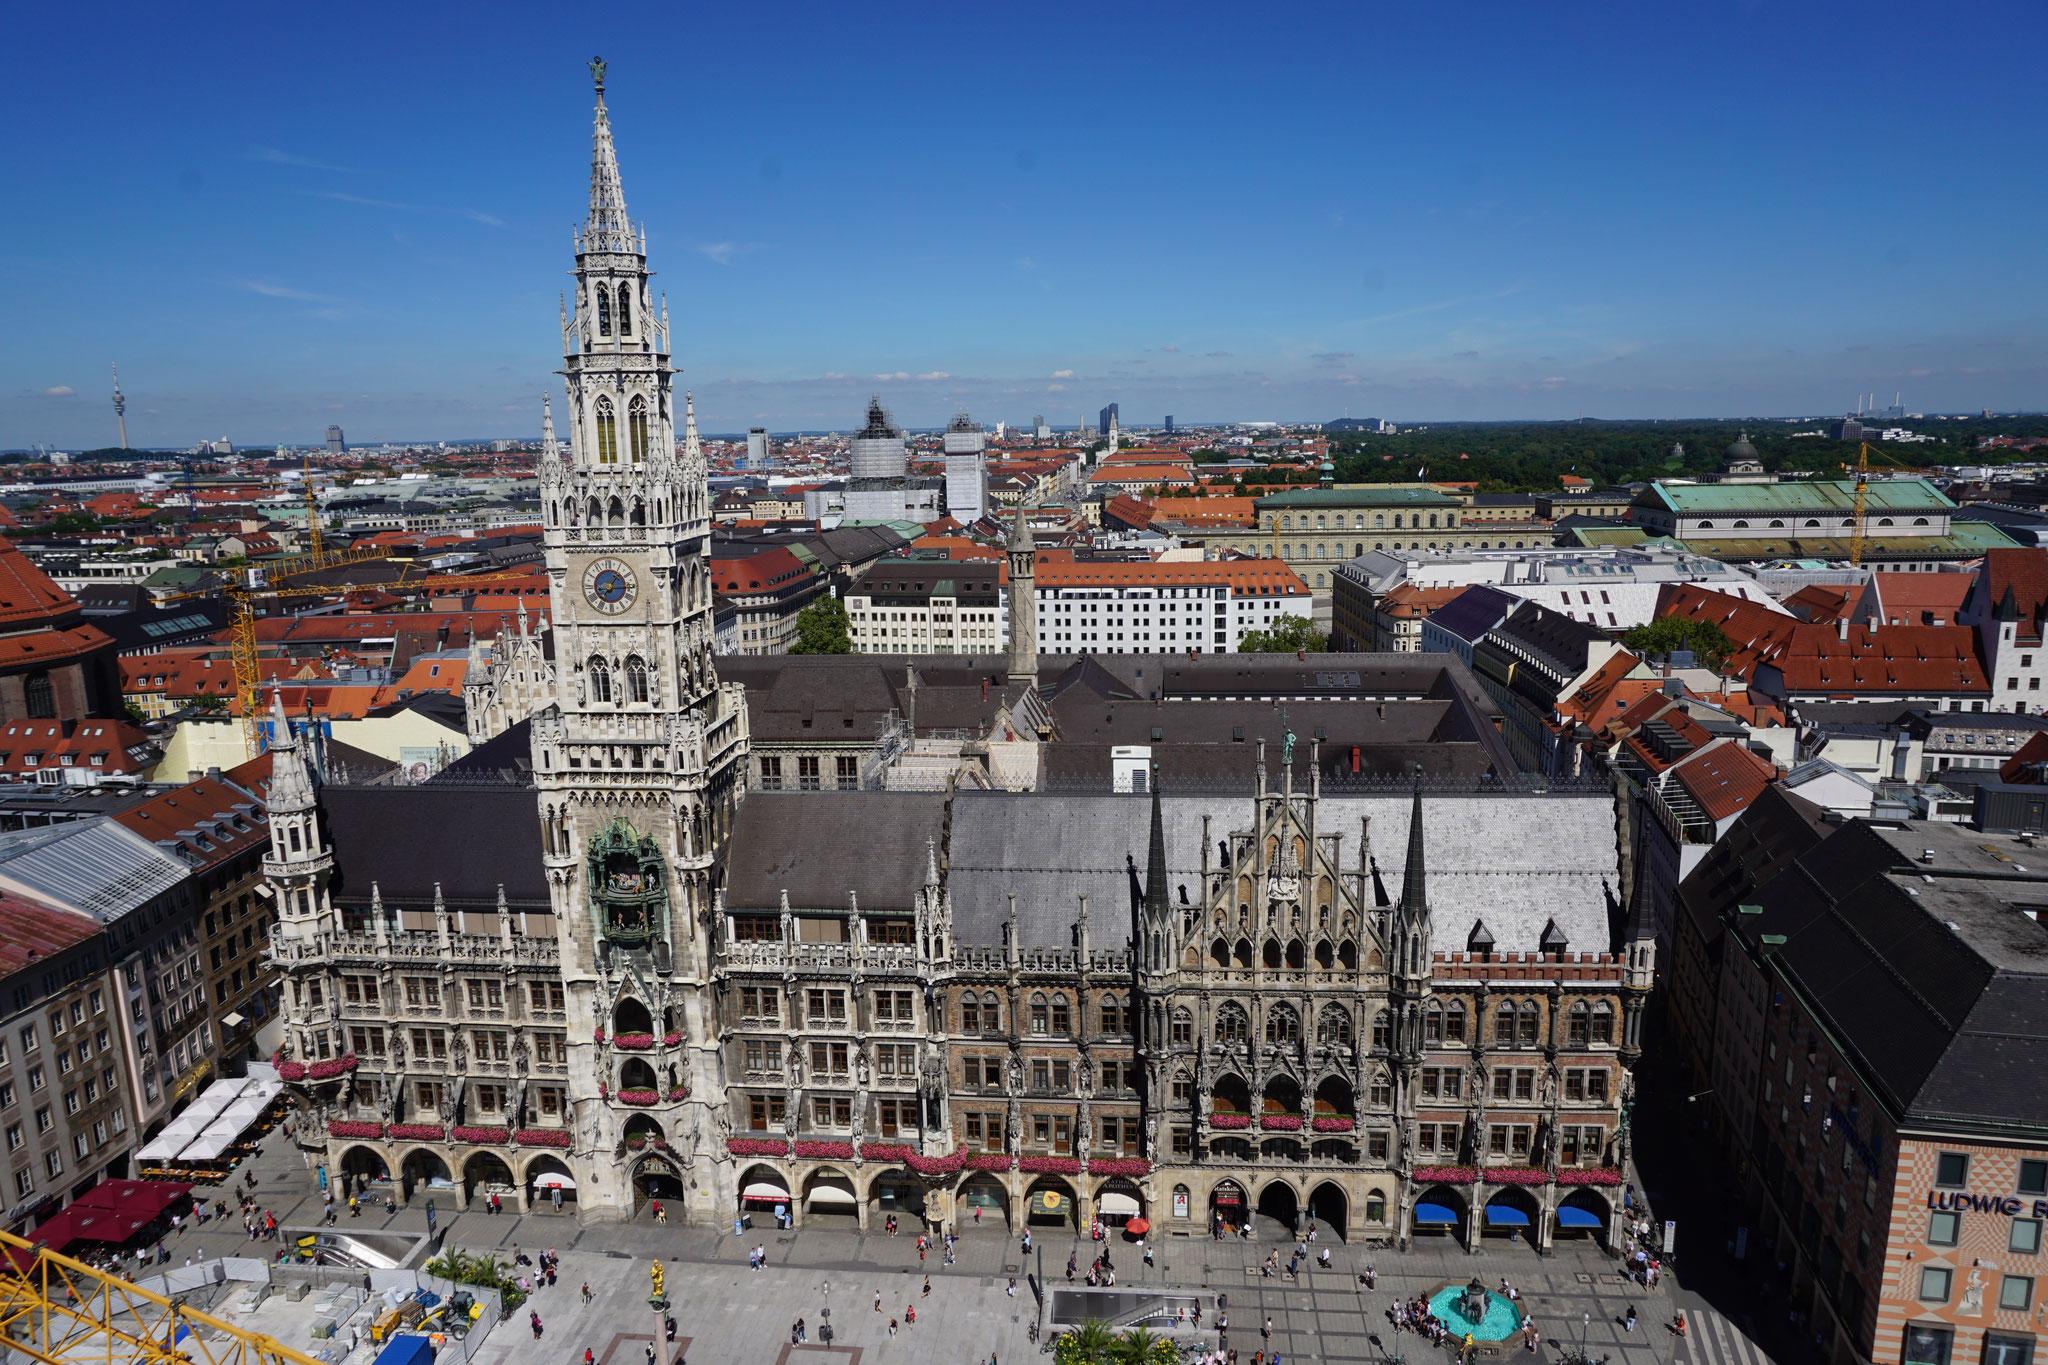 Das Münchner Rathaus am Marienplatz